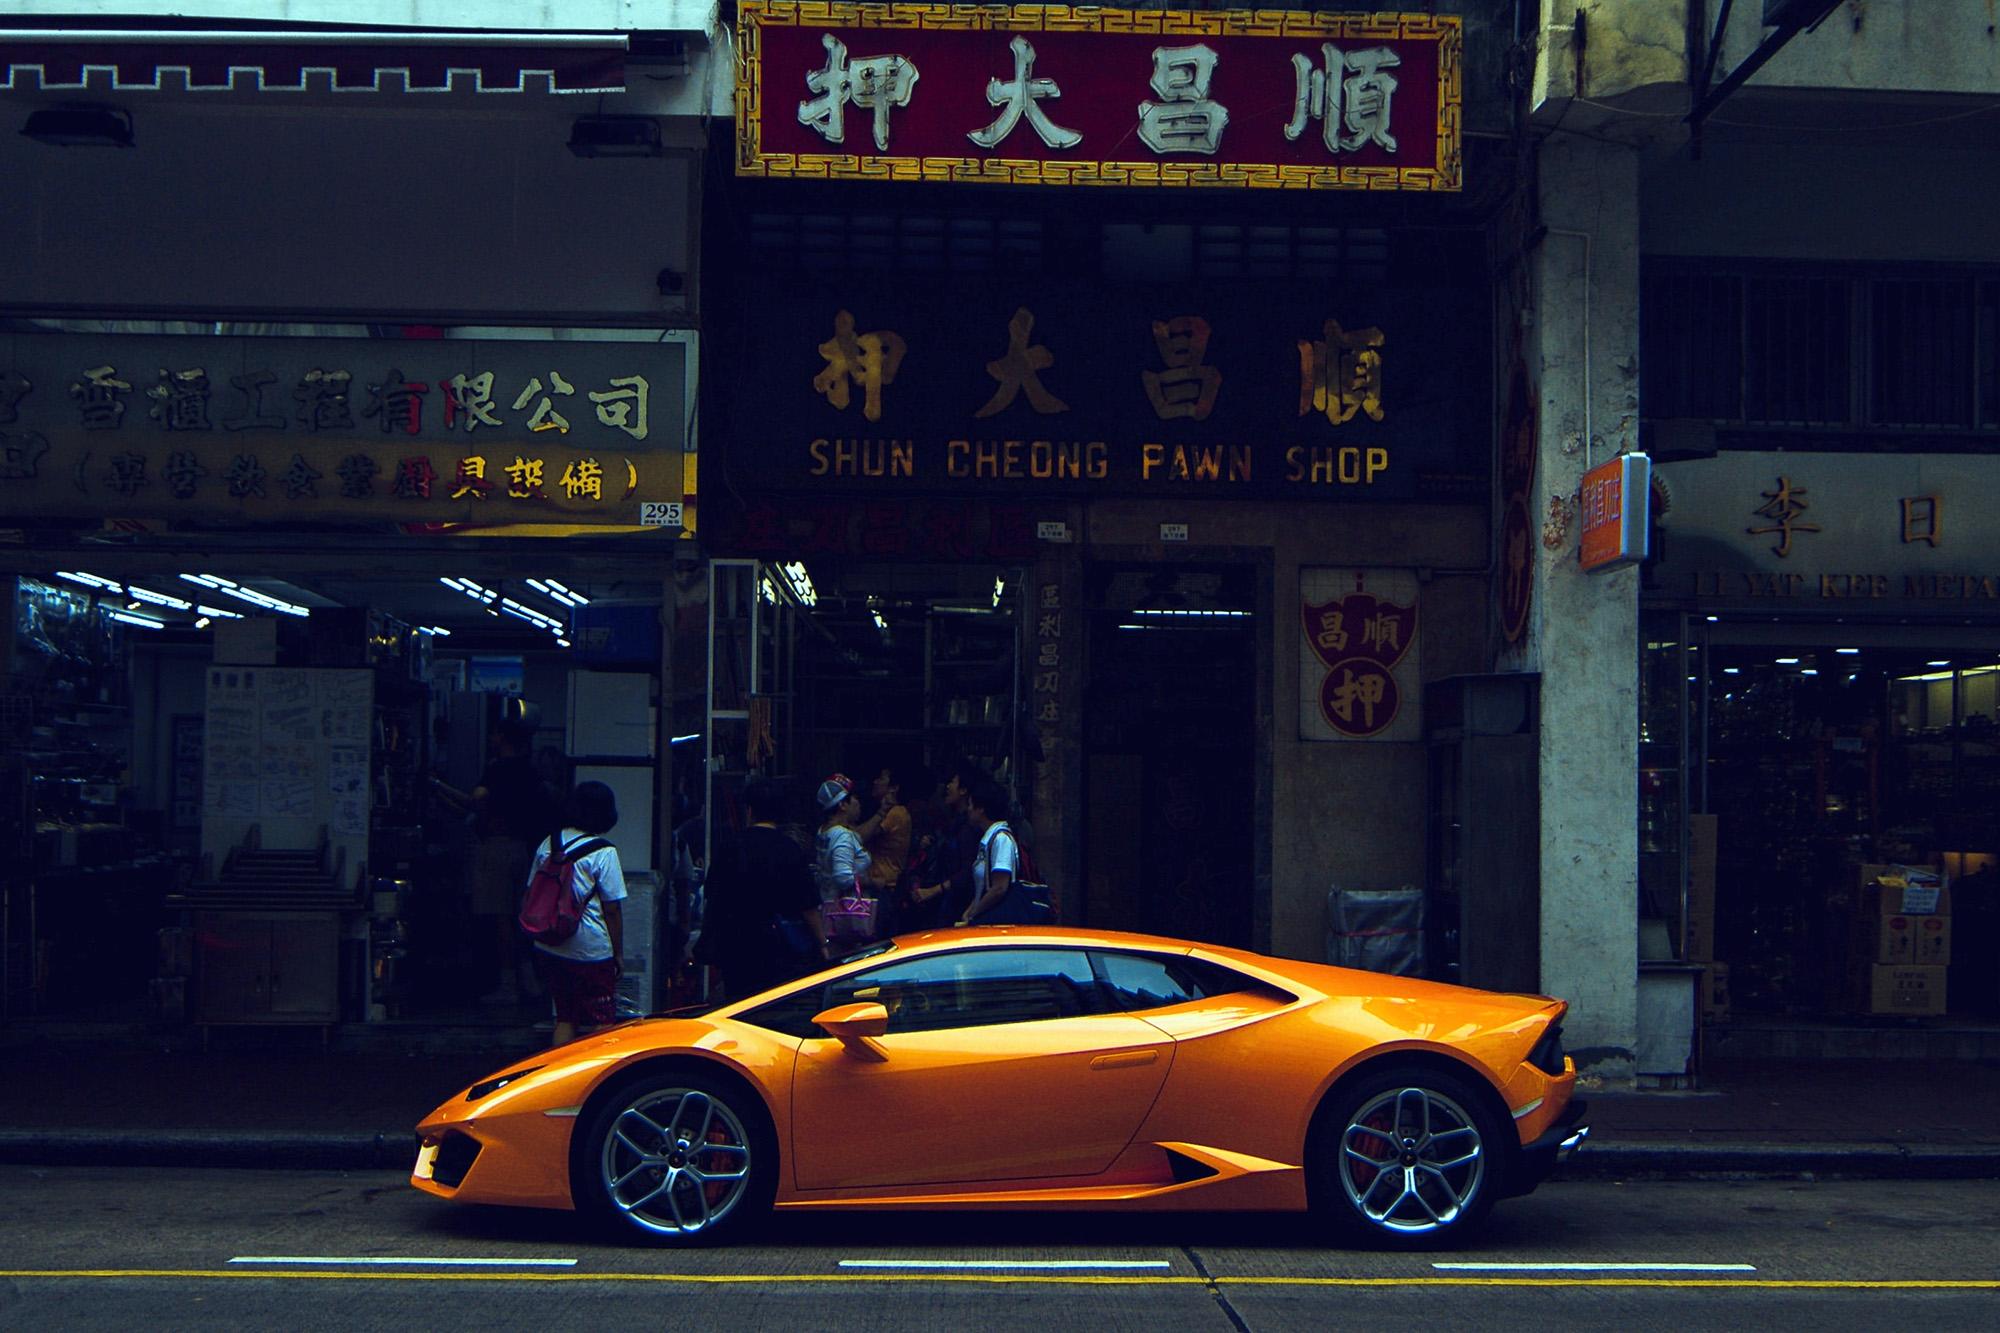 Transação superou outra vaga de estacionamento em Hong Kong, vendida em 2019 por R$ 5,5 milhões